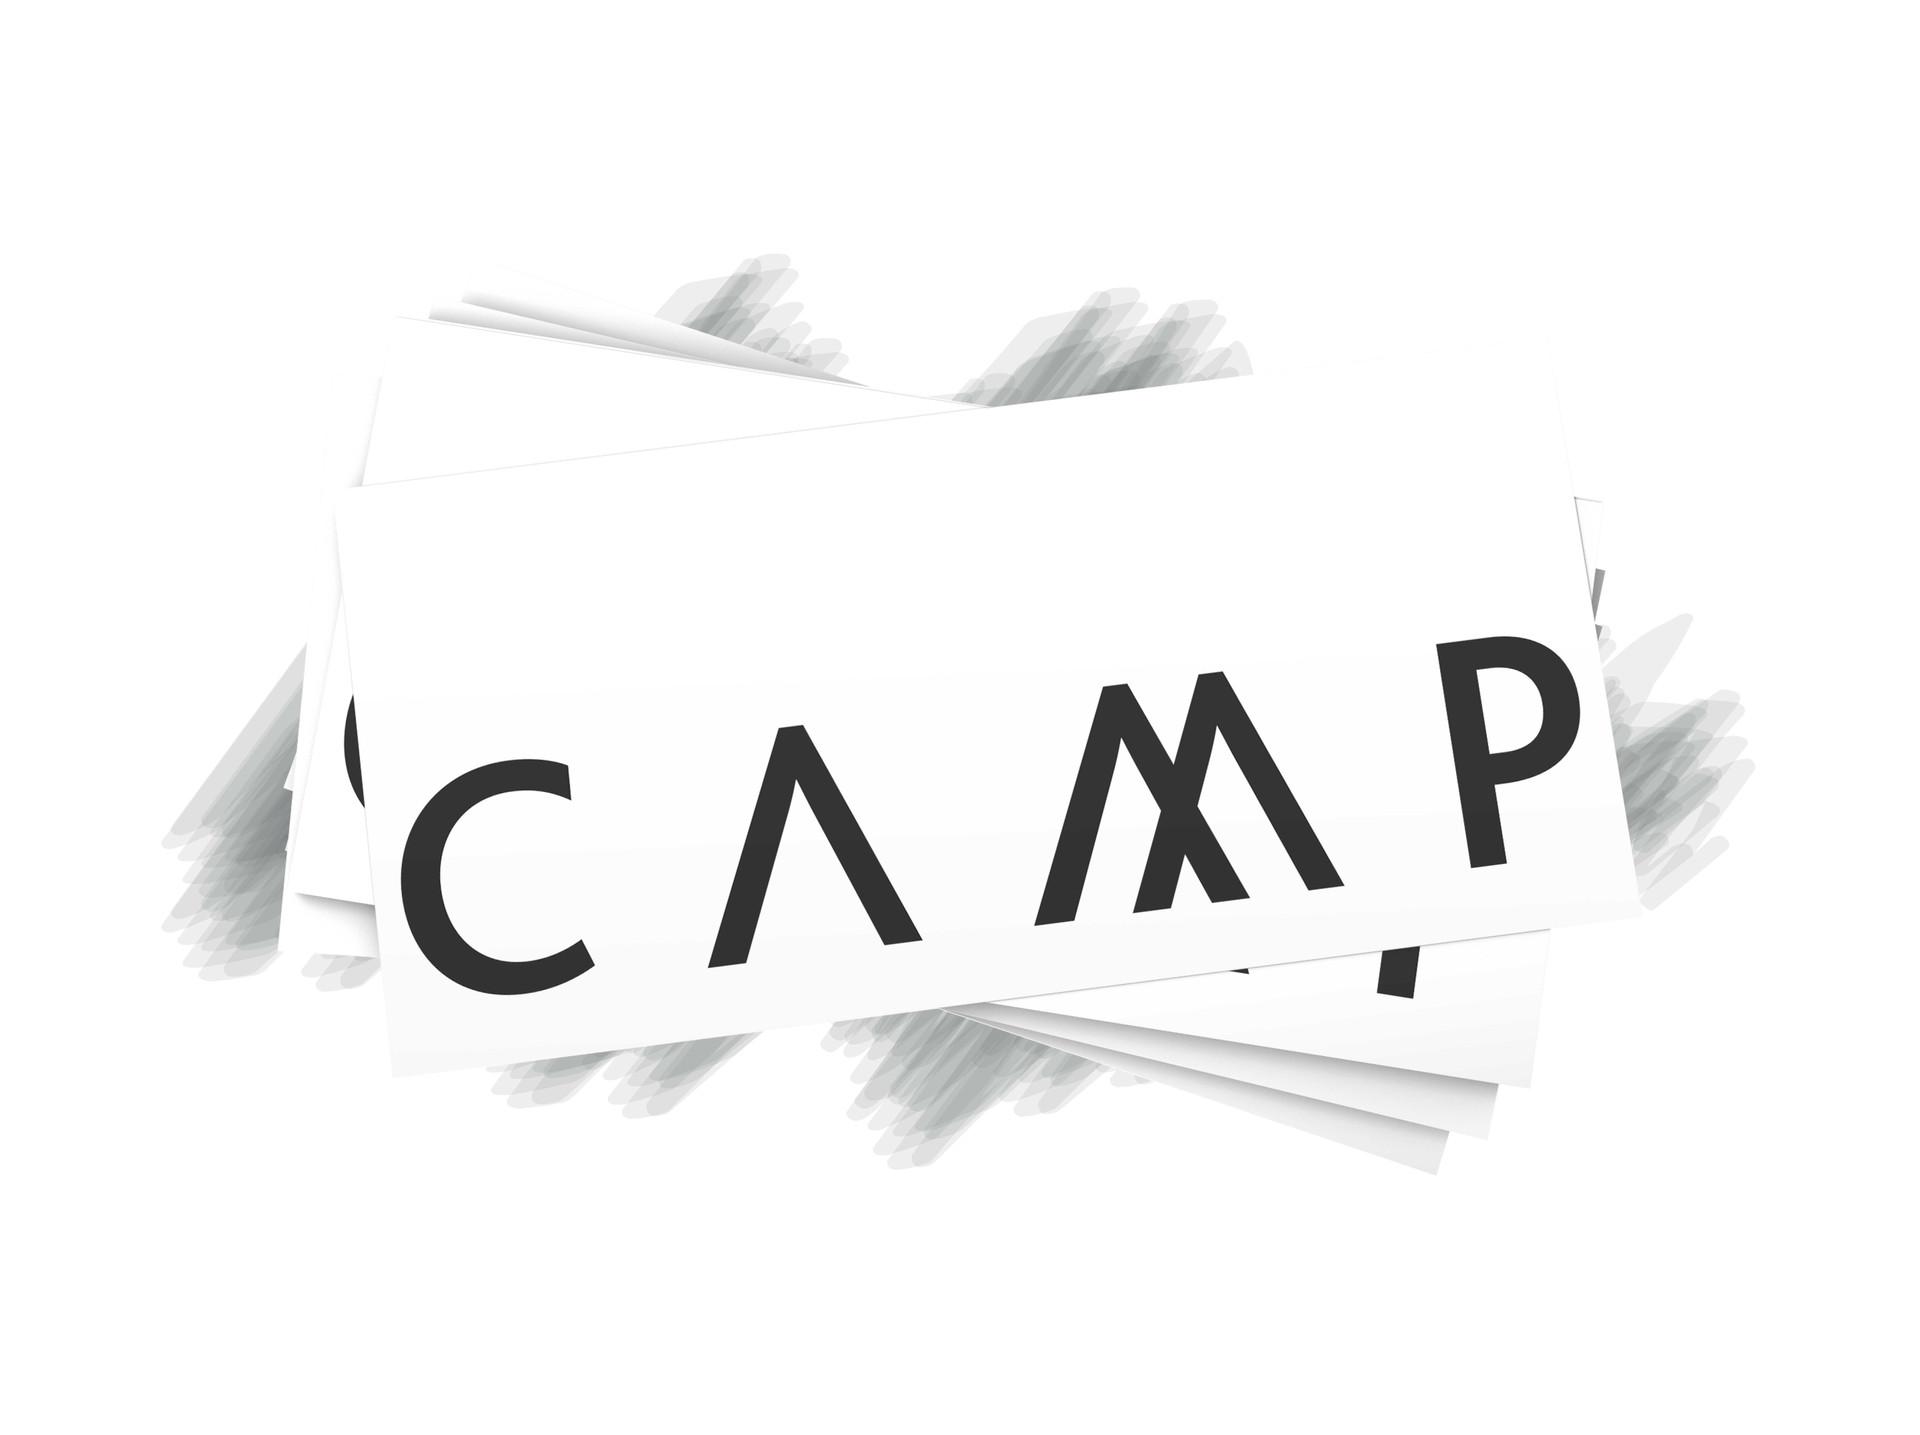 brandingpage-7.jpg